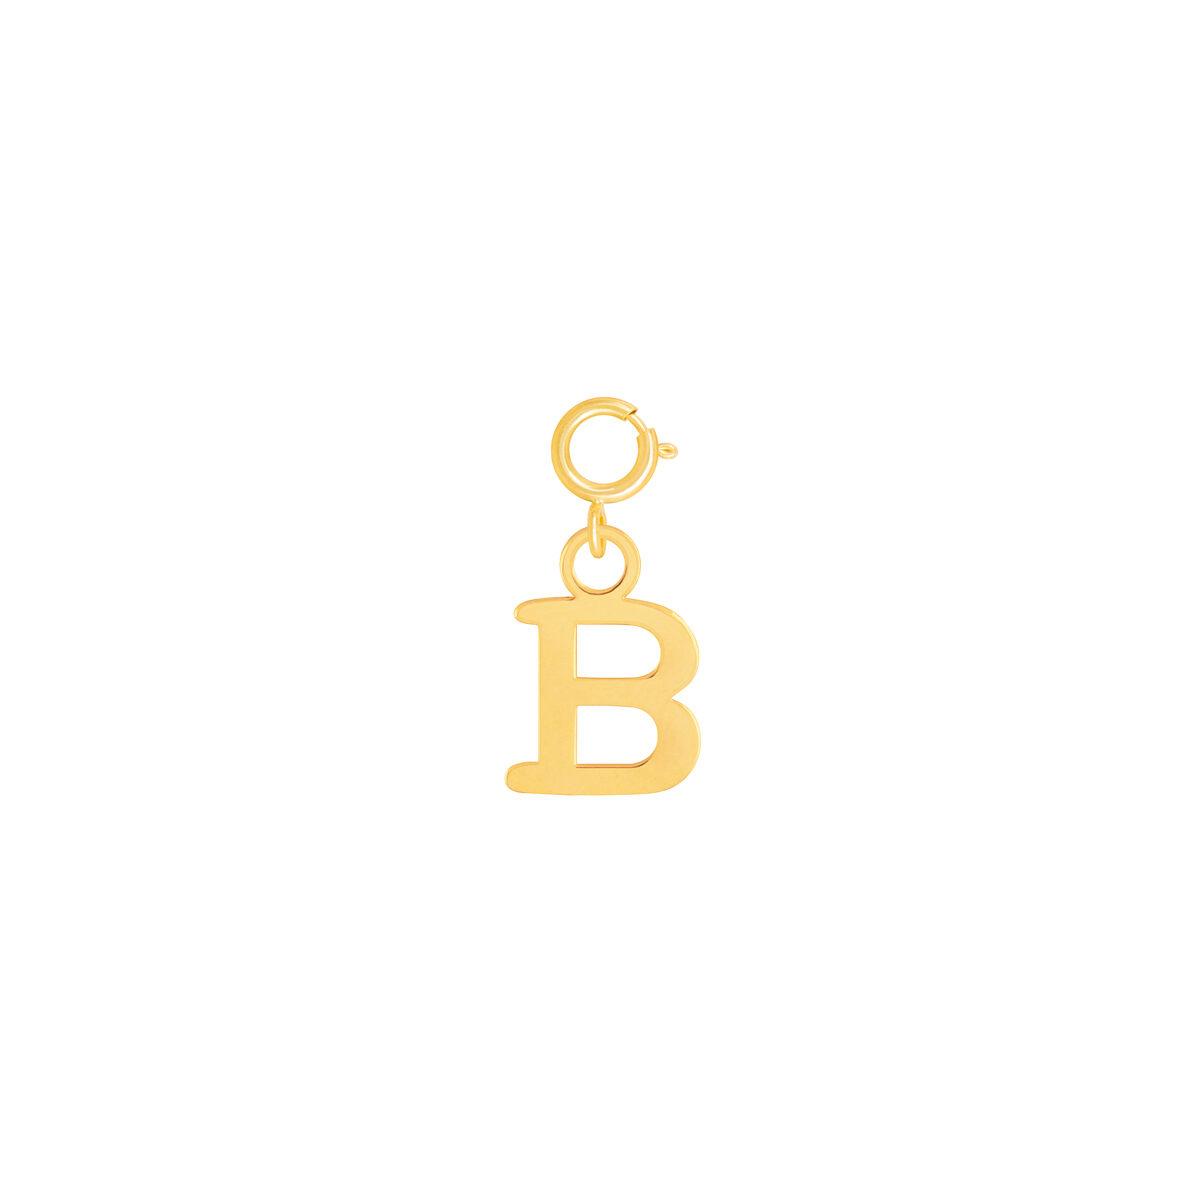 آویز طلا حرف B